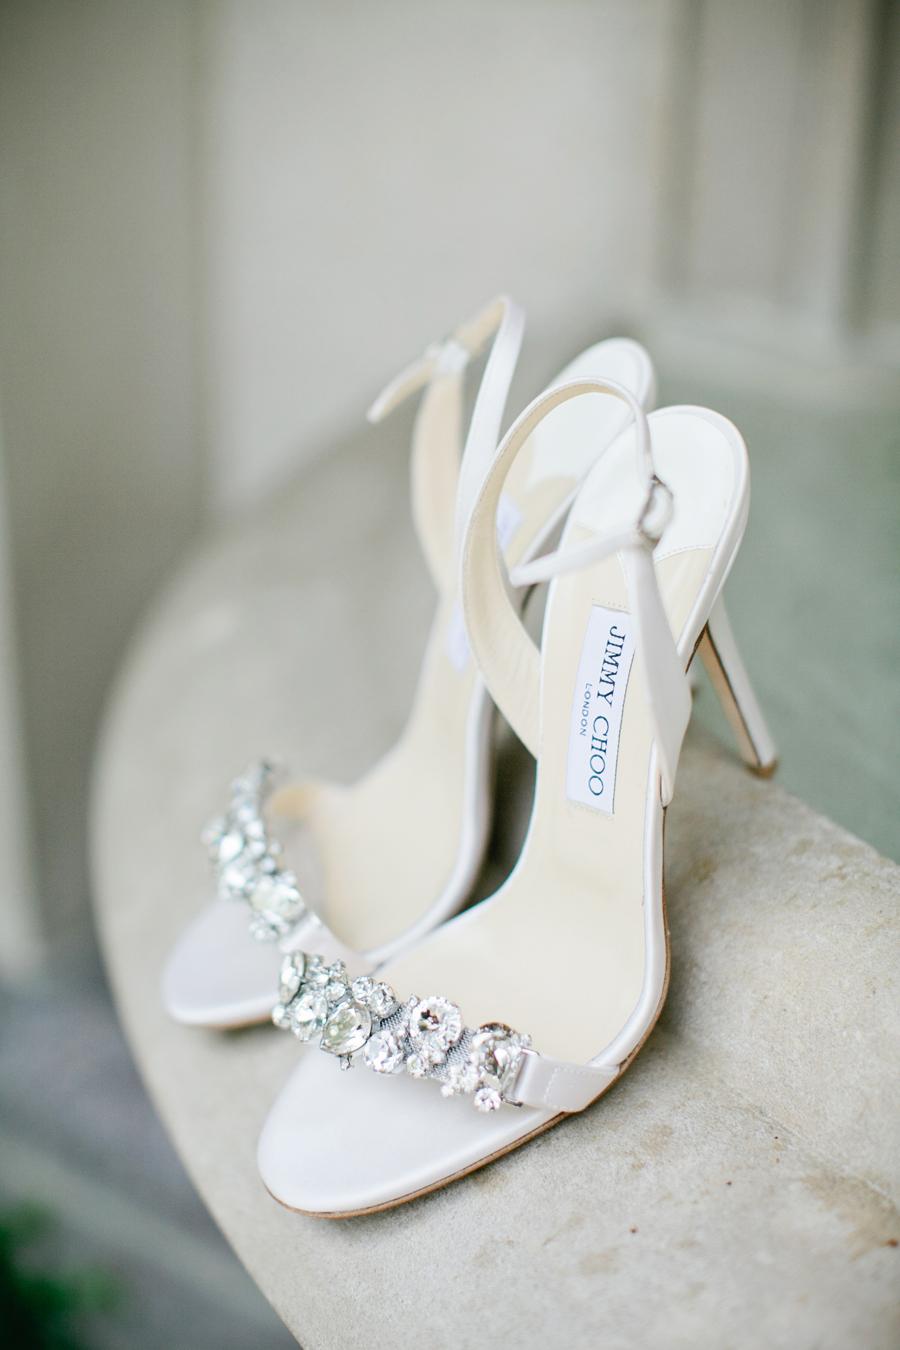 d8daee3cc8 Zapatos de novia color blanco con piedras en la parte de enfrente